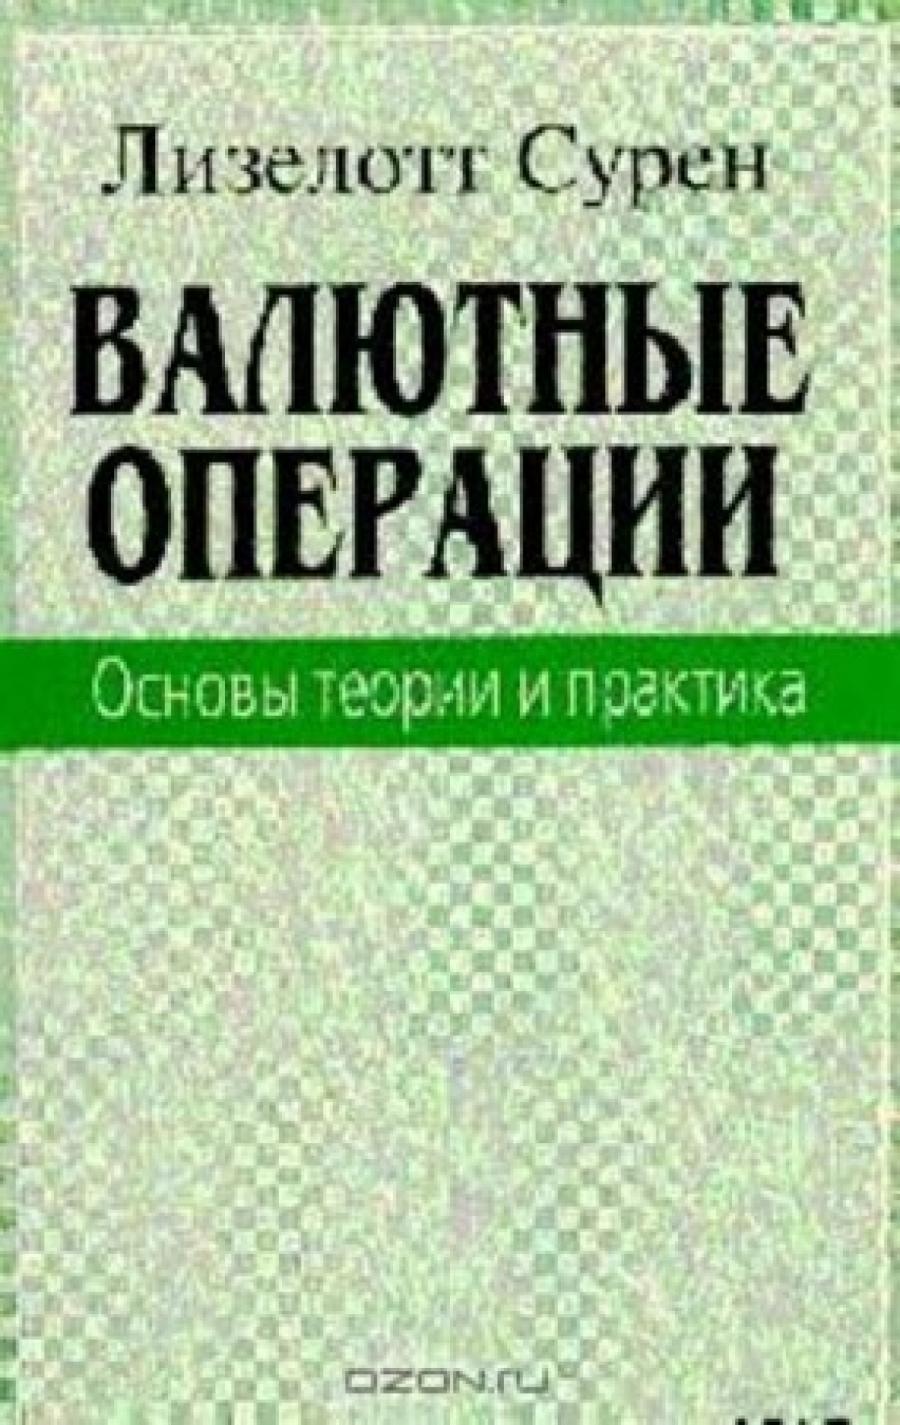 Обложка книги:  сурен лизелотт - валютные операции. основы теории и практика